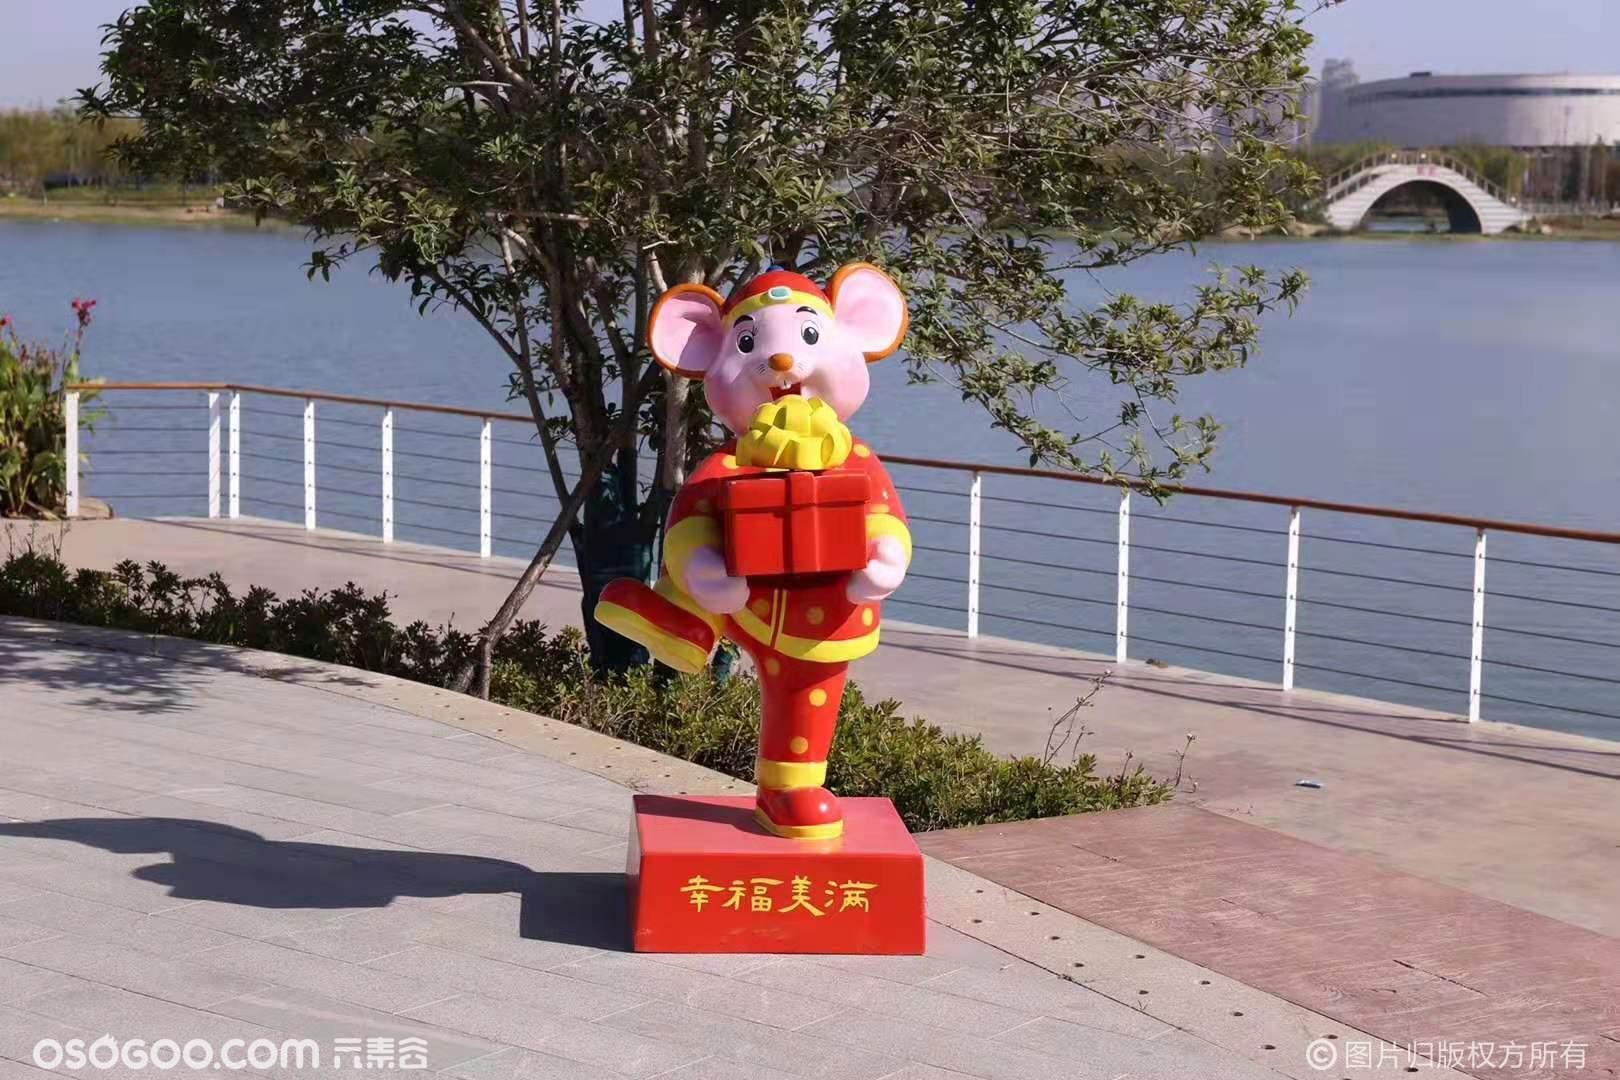 鼠年新气象装饰模型 卡通鼠雕塑模型摆件迎接春节